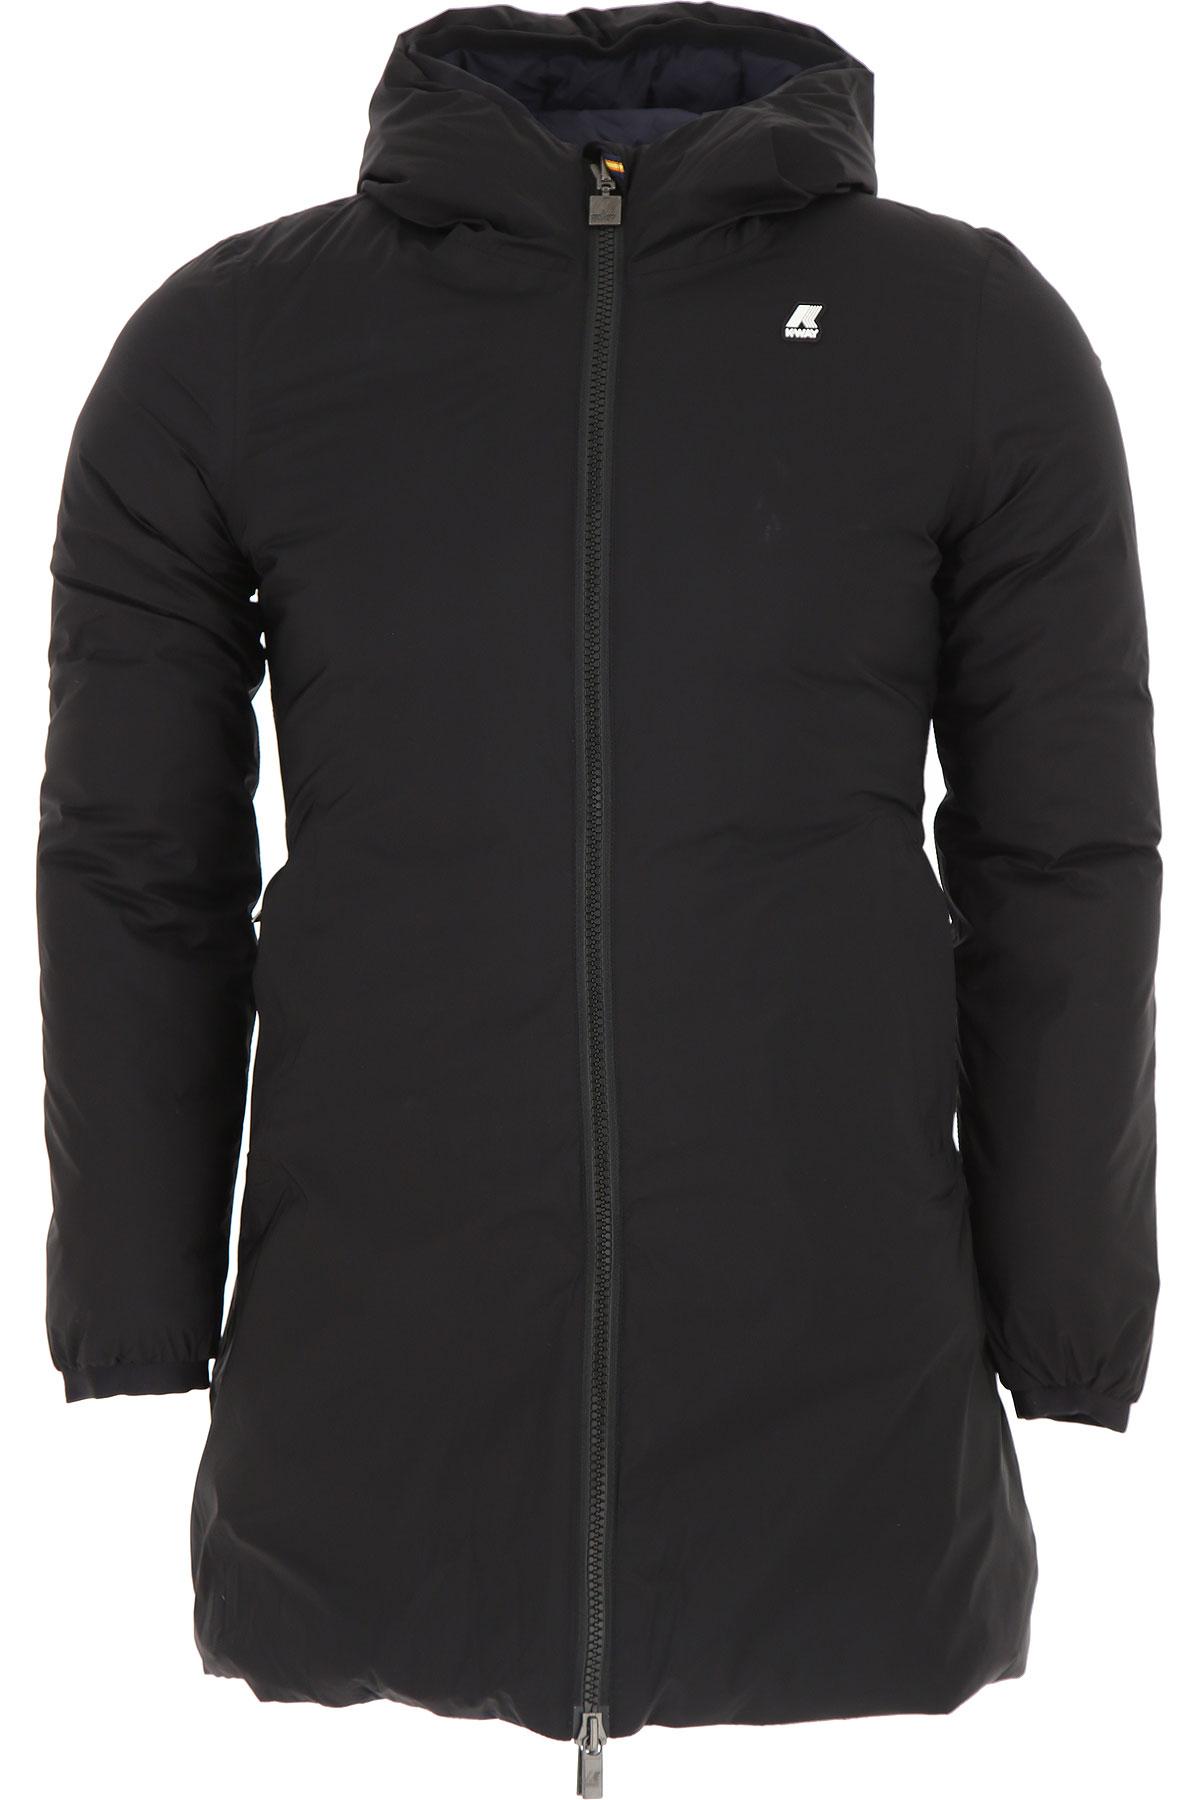 Image of K-Way Down Jacket for Men, Puffer Ski Jacket, Black, polyamide, 2017, L M XL